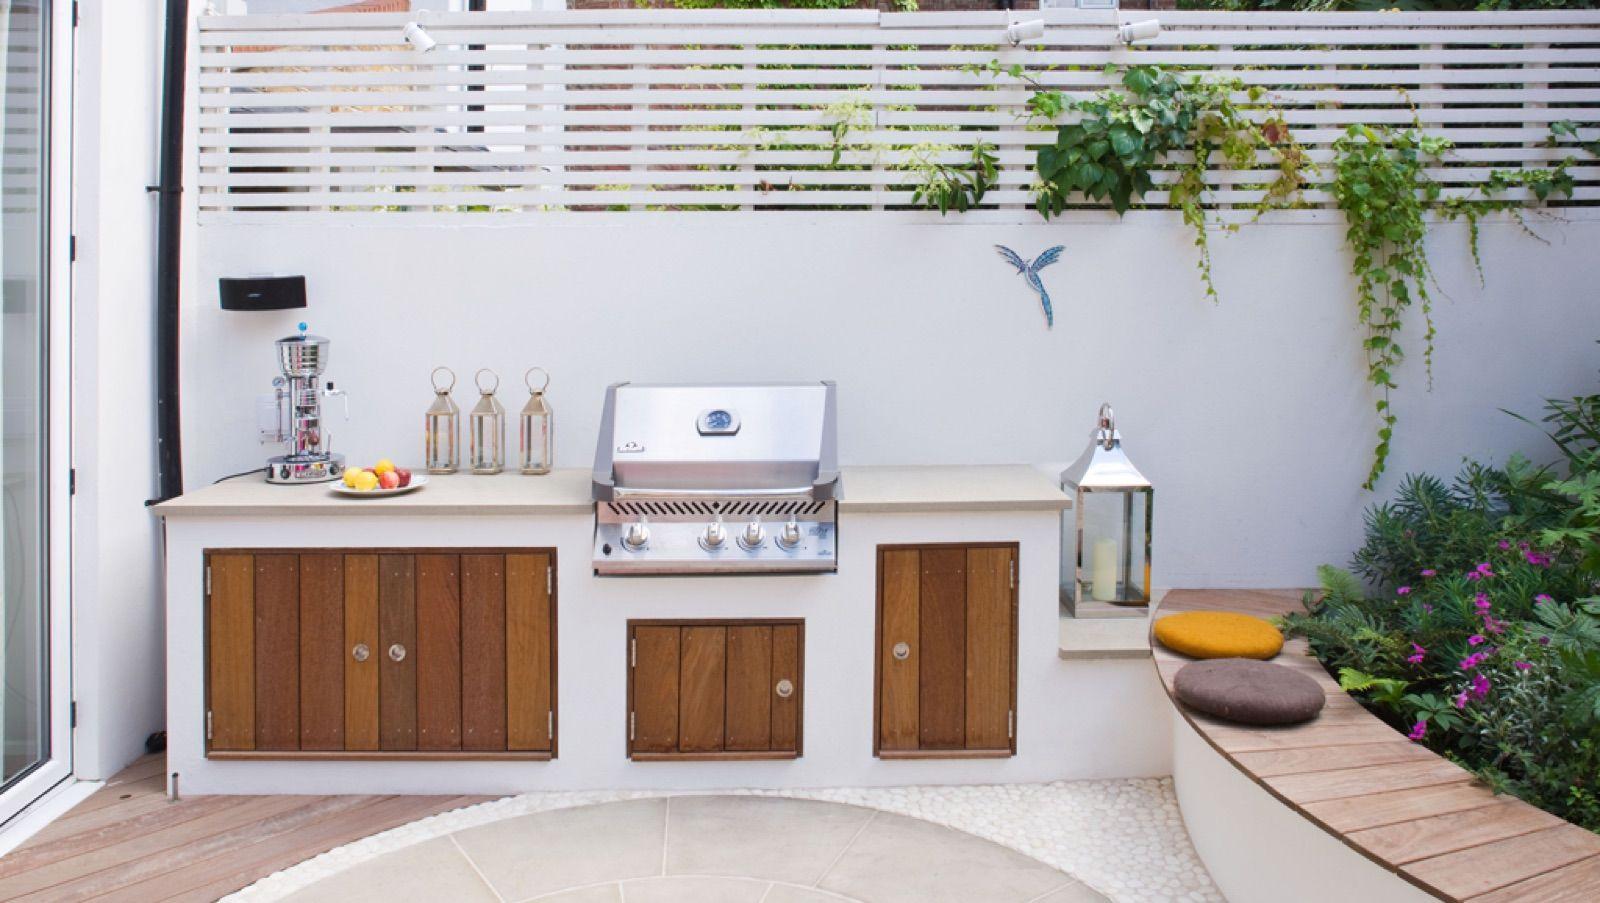 【コンパクトなスペースに全部入り】ペールトーンとカラフルな色使いのコントラストが素敵な地中海風の庭 | 住宅デザイン